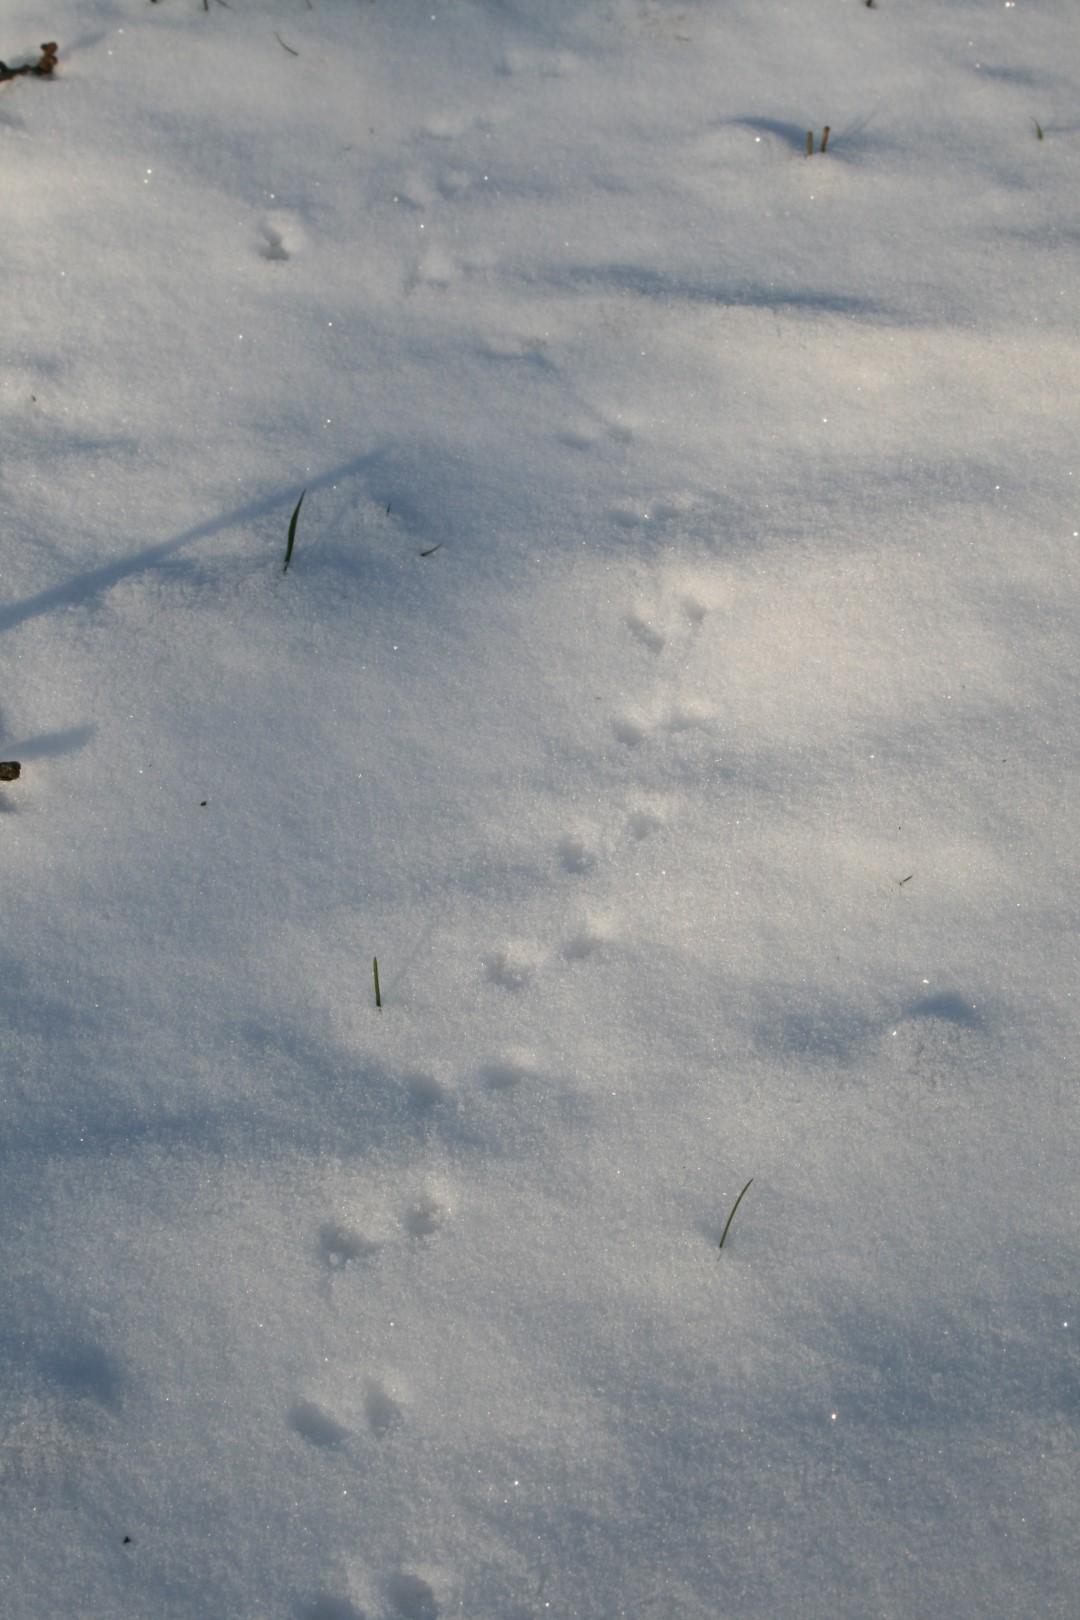 Spor i sneen efter mus